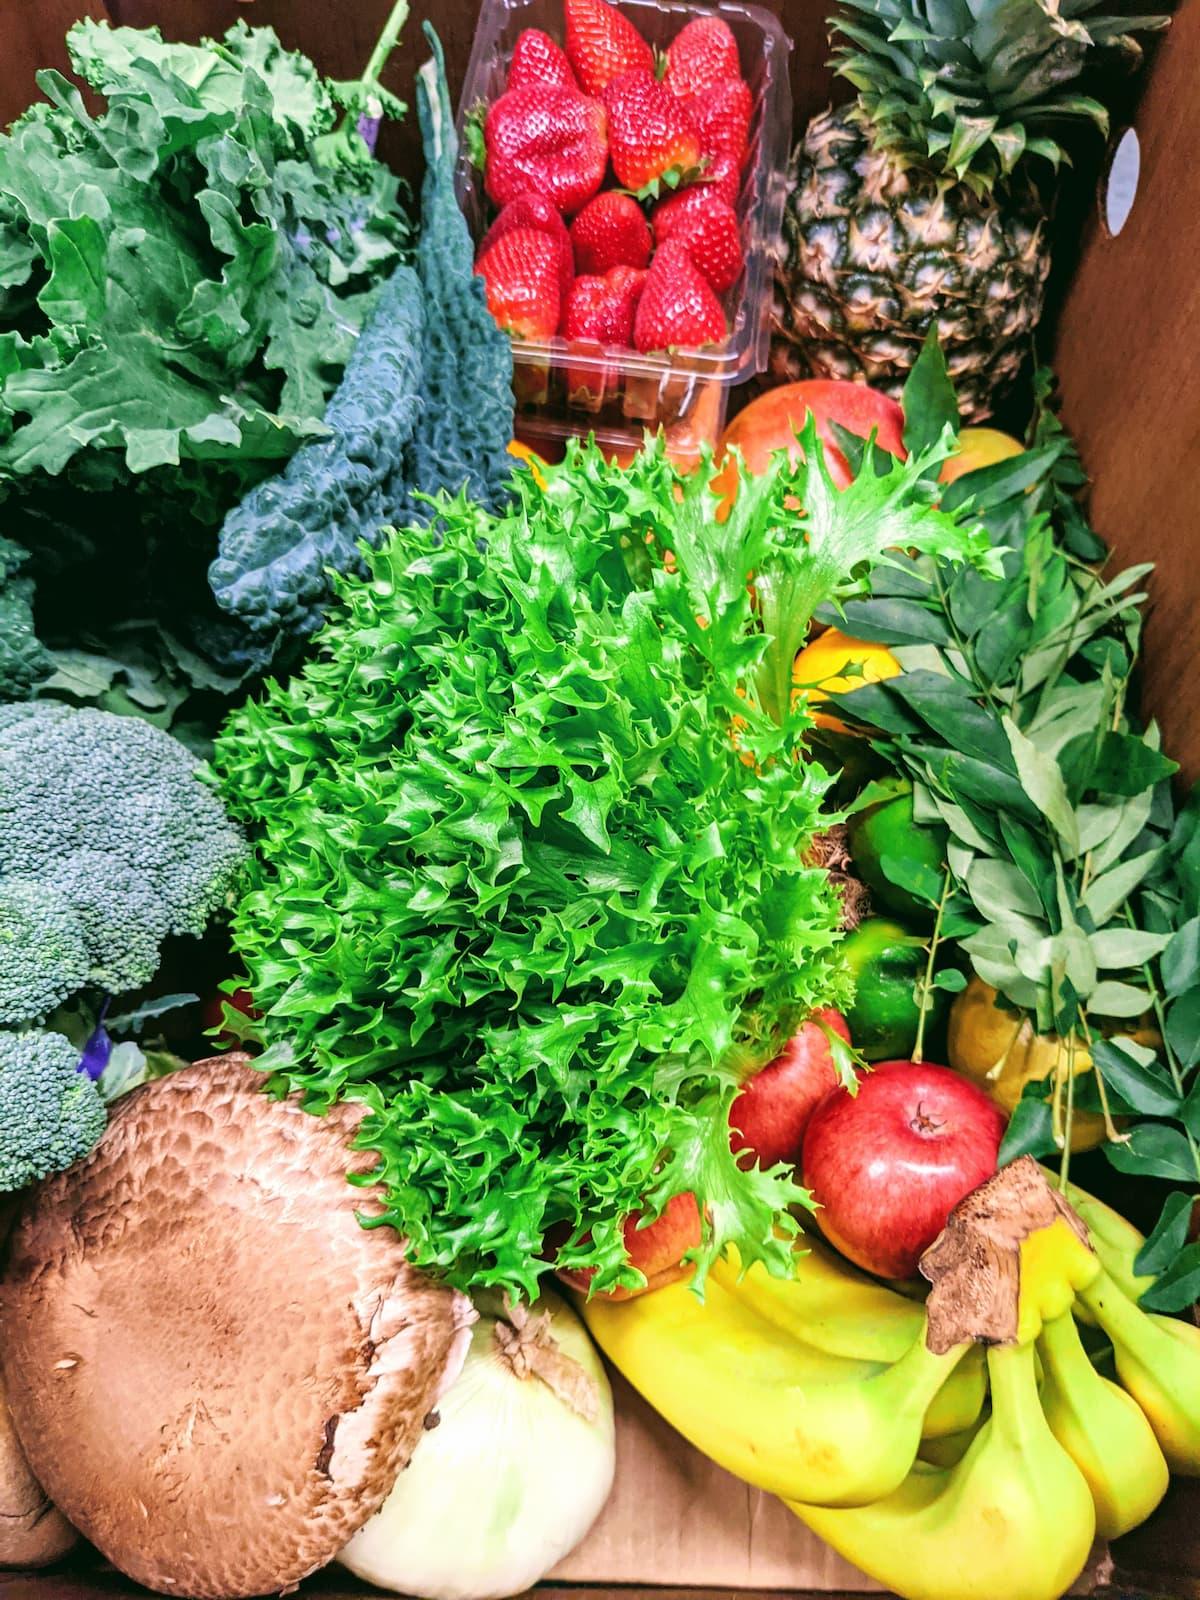 Big Box Produce Image